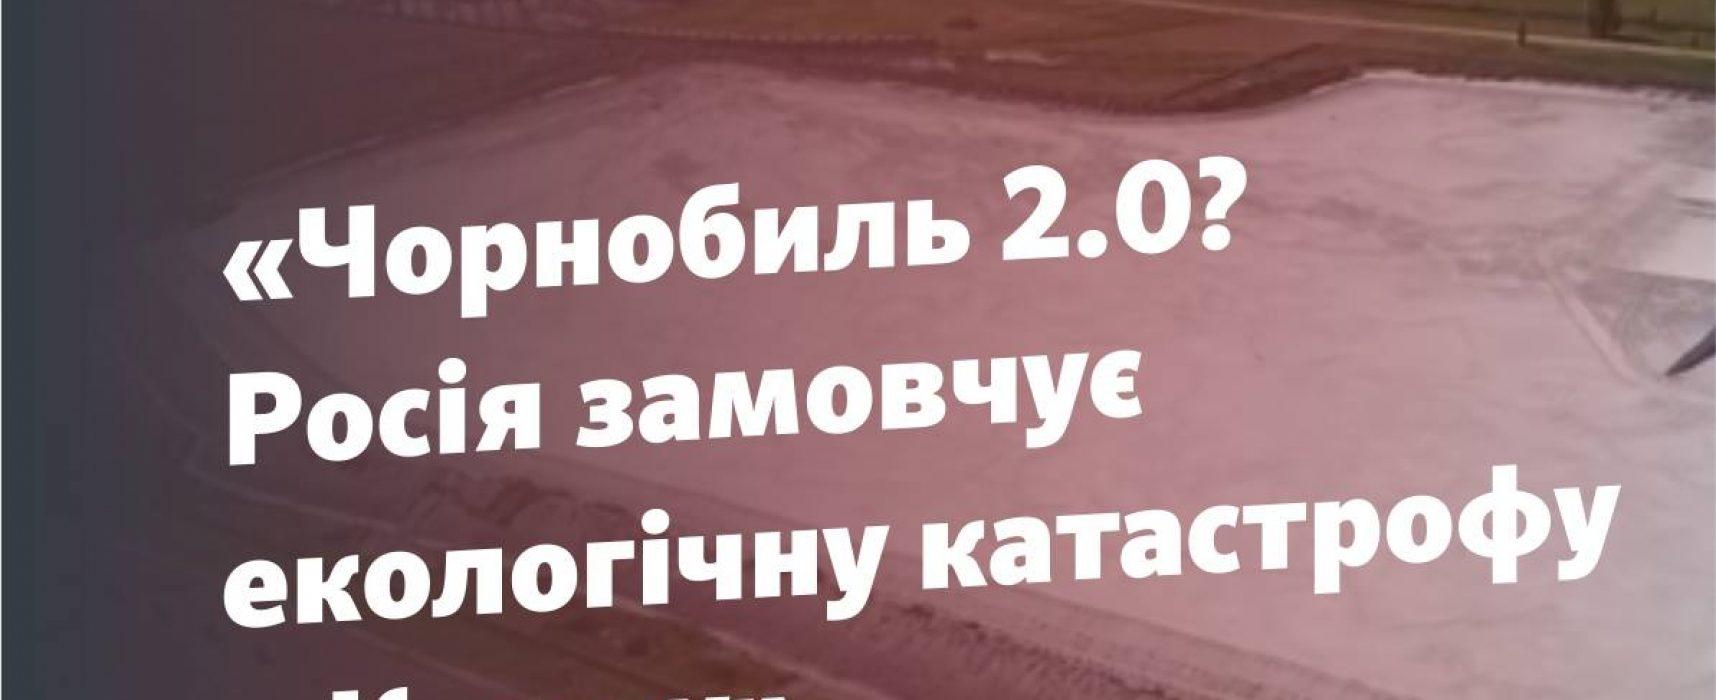 Чорнобиль 2.0? Росія замовчує екологічну катастрофу в Криму – StopFake.org